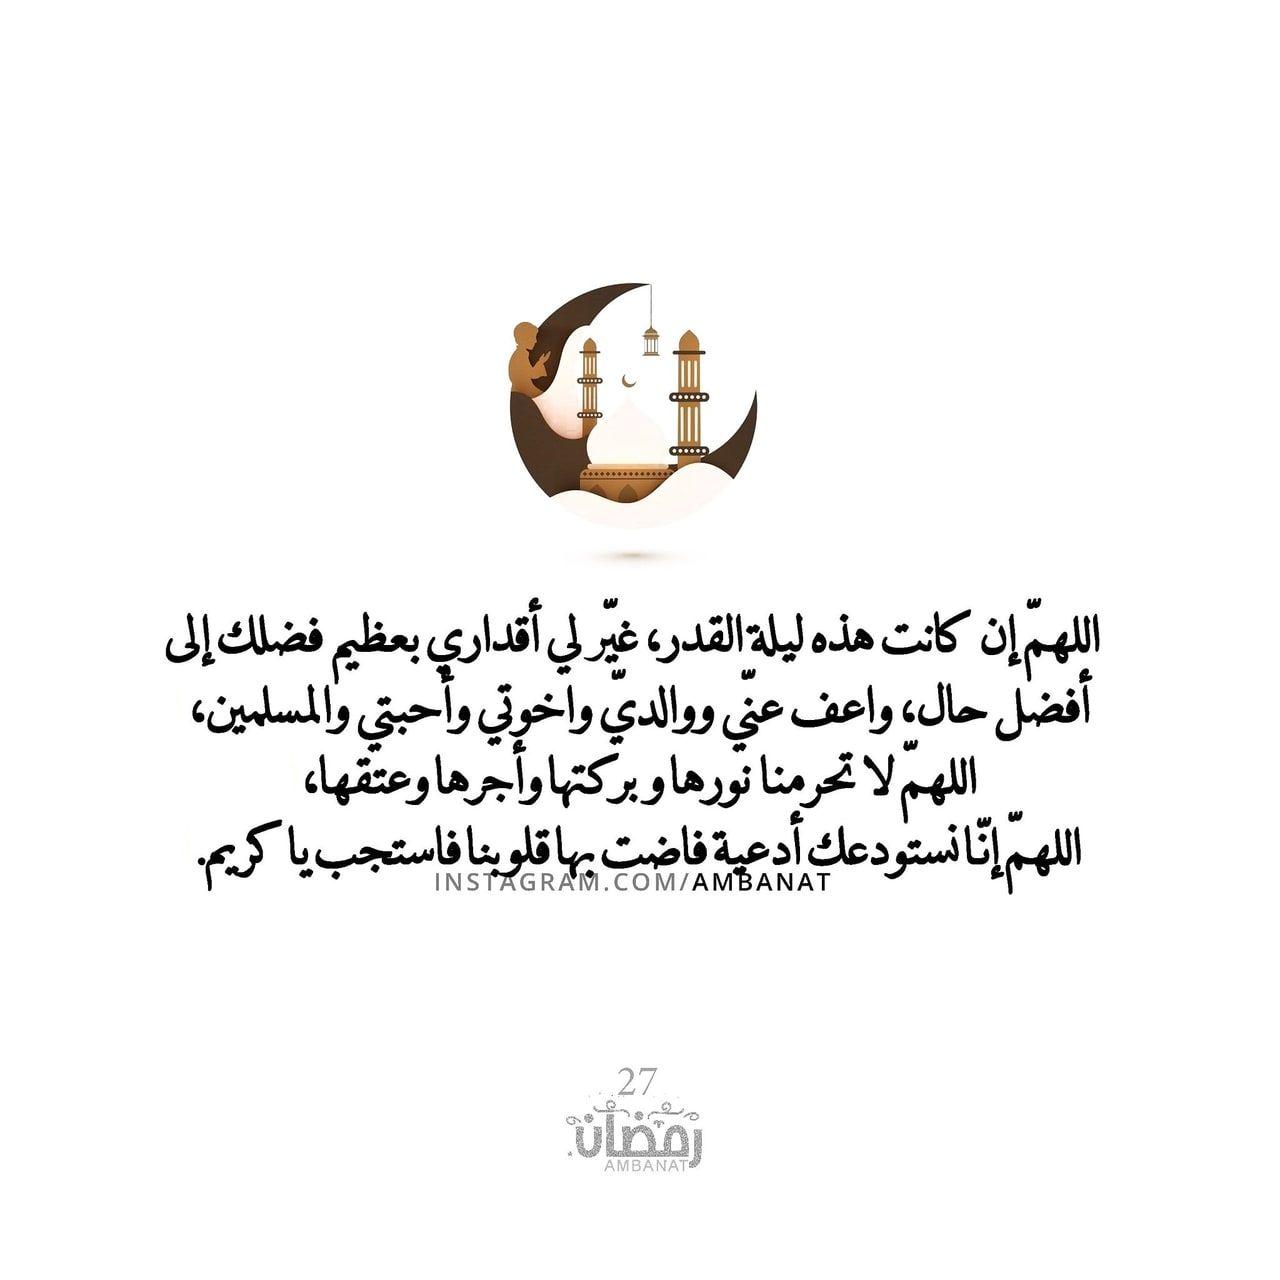 ٢٧ رمضان Tumblr Weheartit Instagram Ambanat Quran Quotes Inspirational Ramadan Quotes Happy Quotes Smile